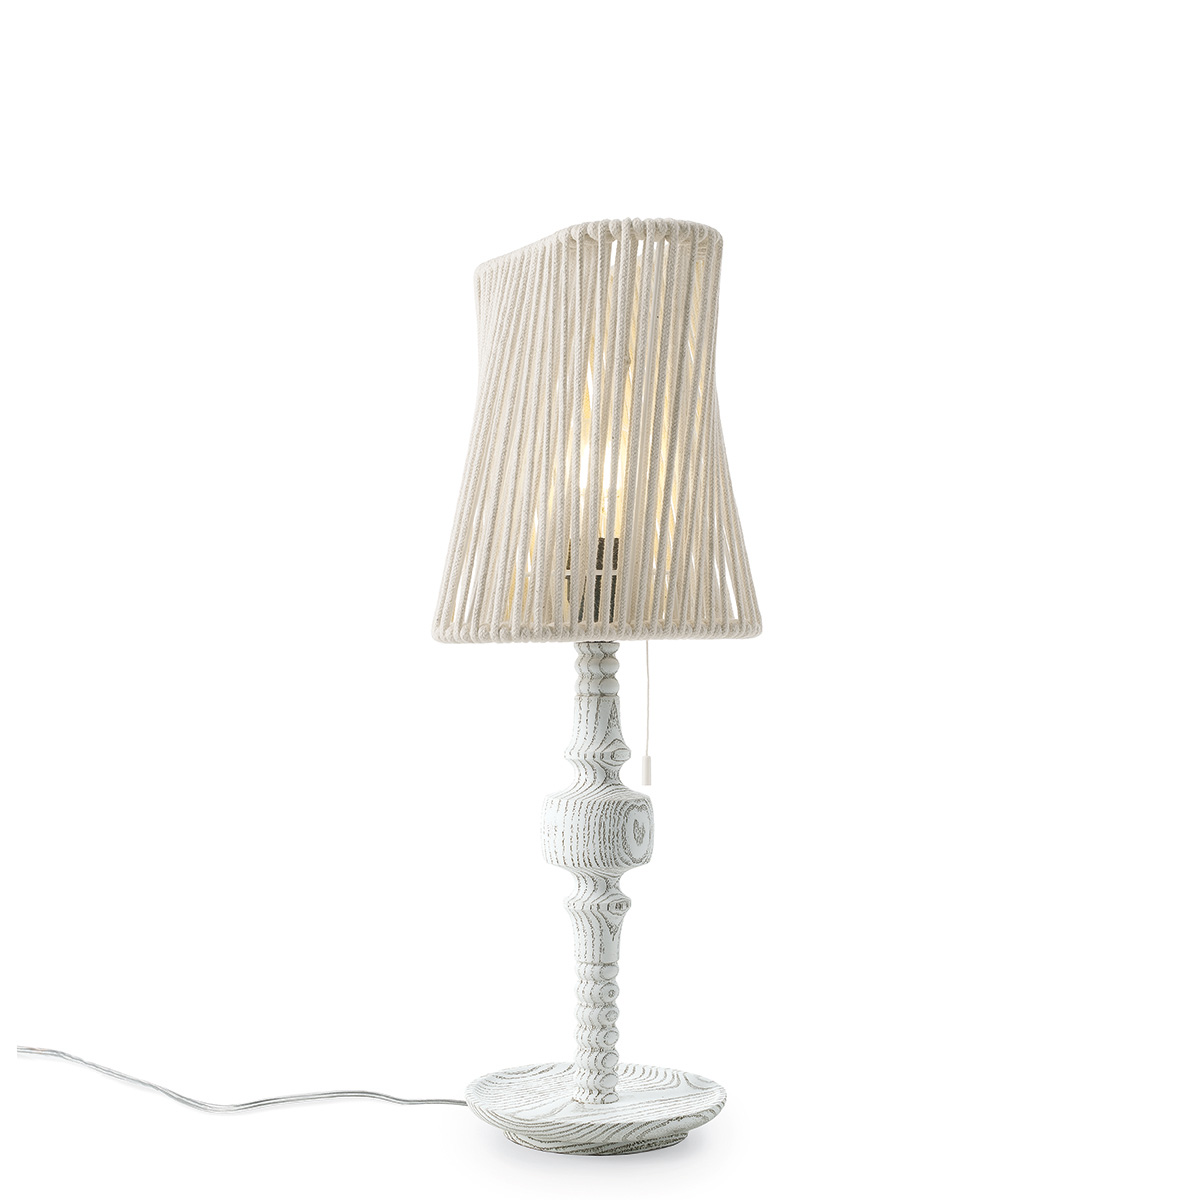 Ξύλινο φωτιστικό με κορδόνι TIMBER wooden table lamp